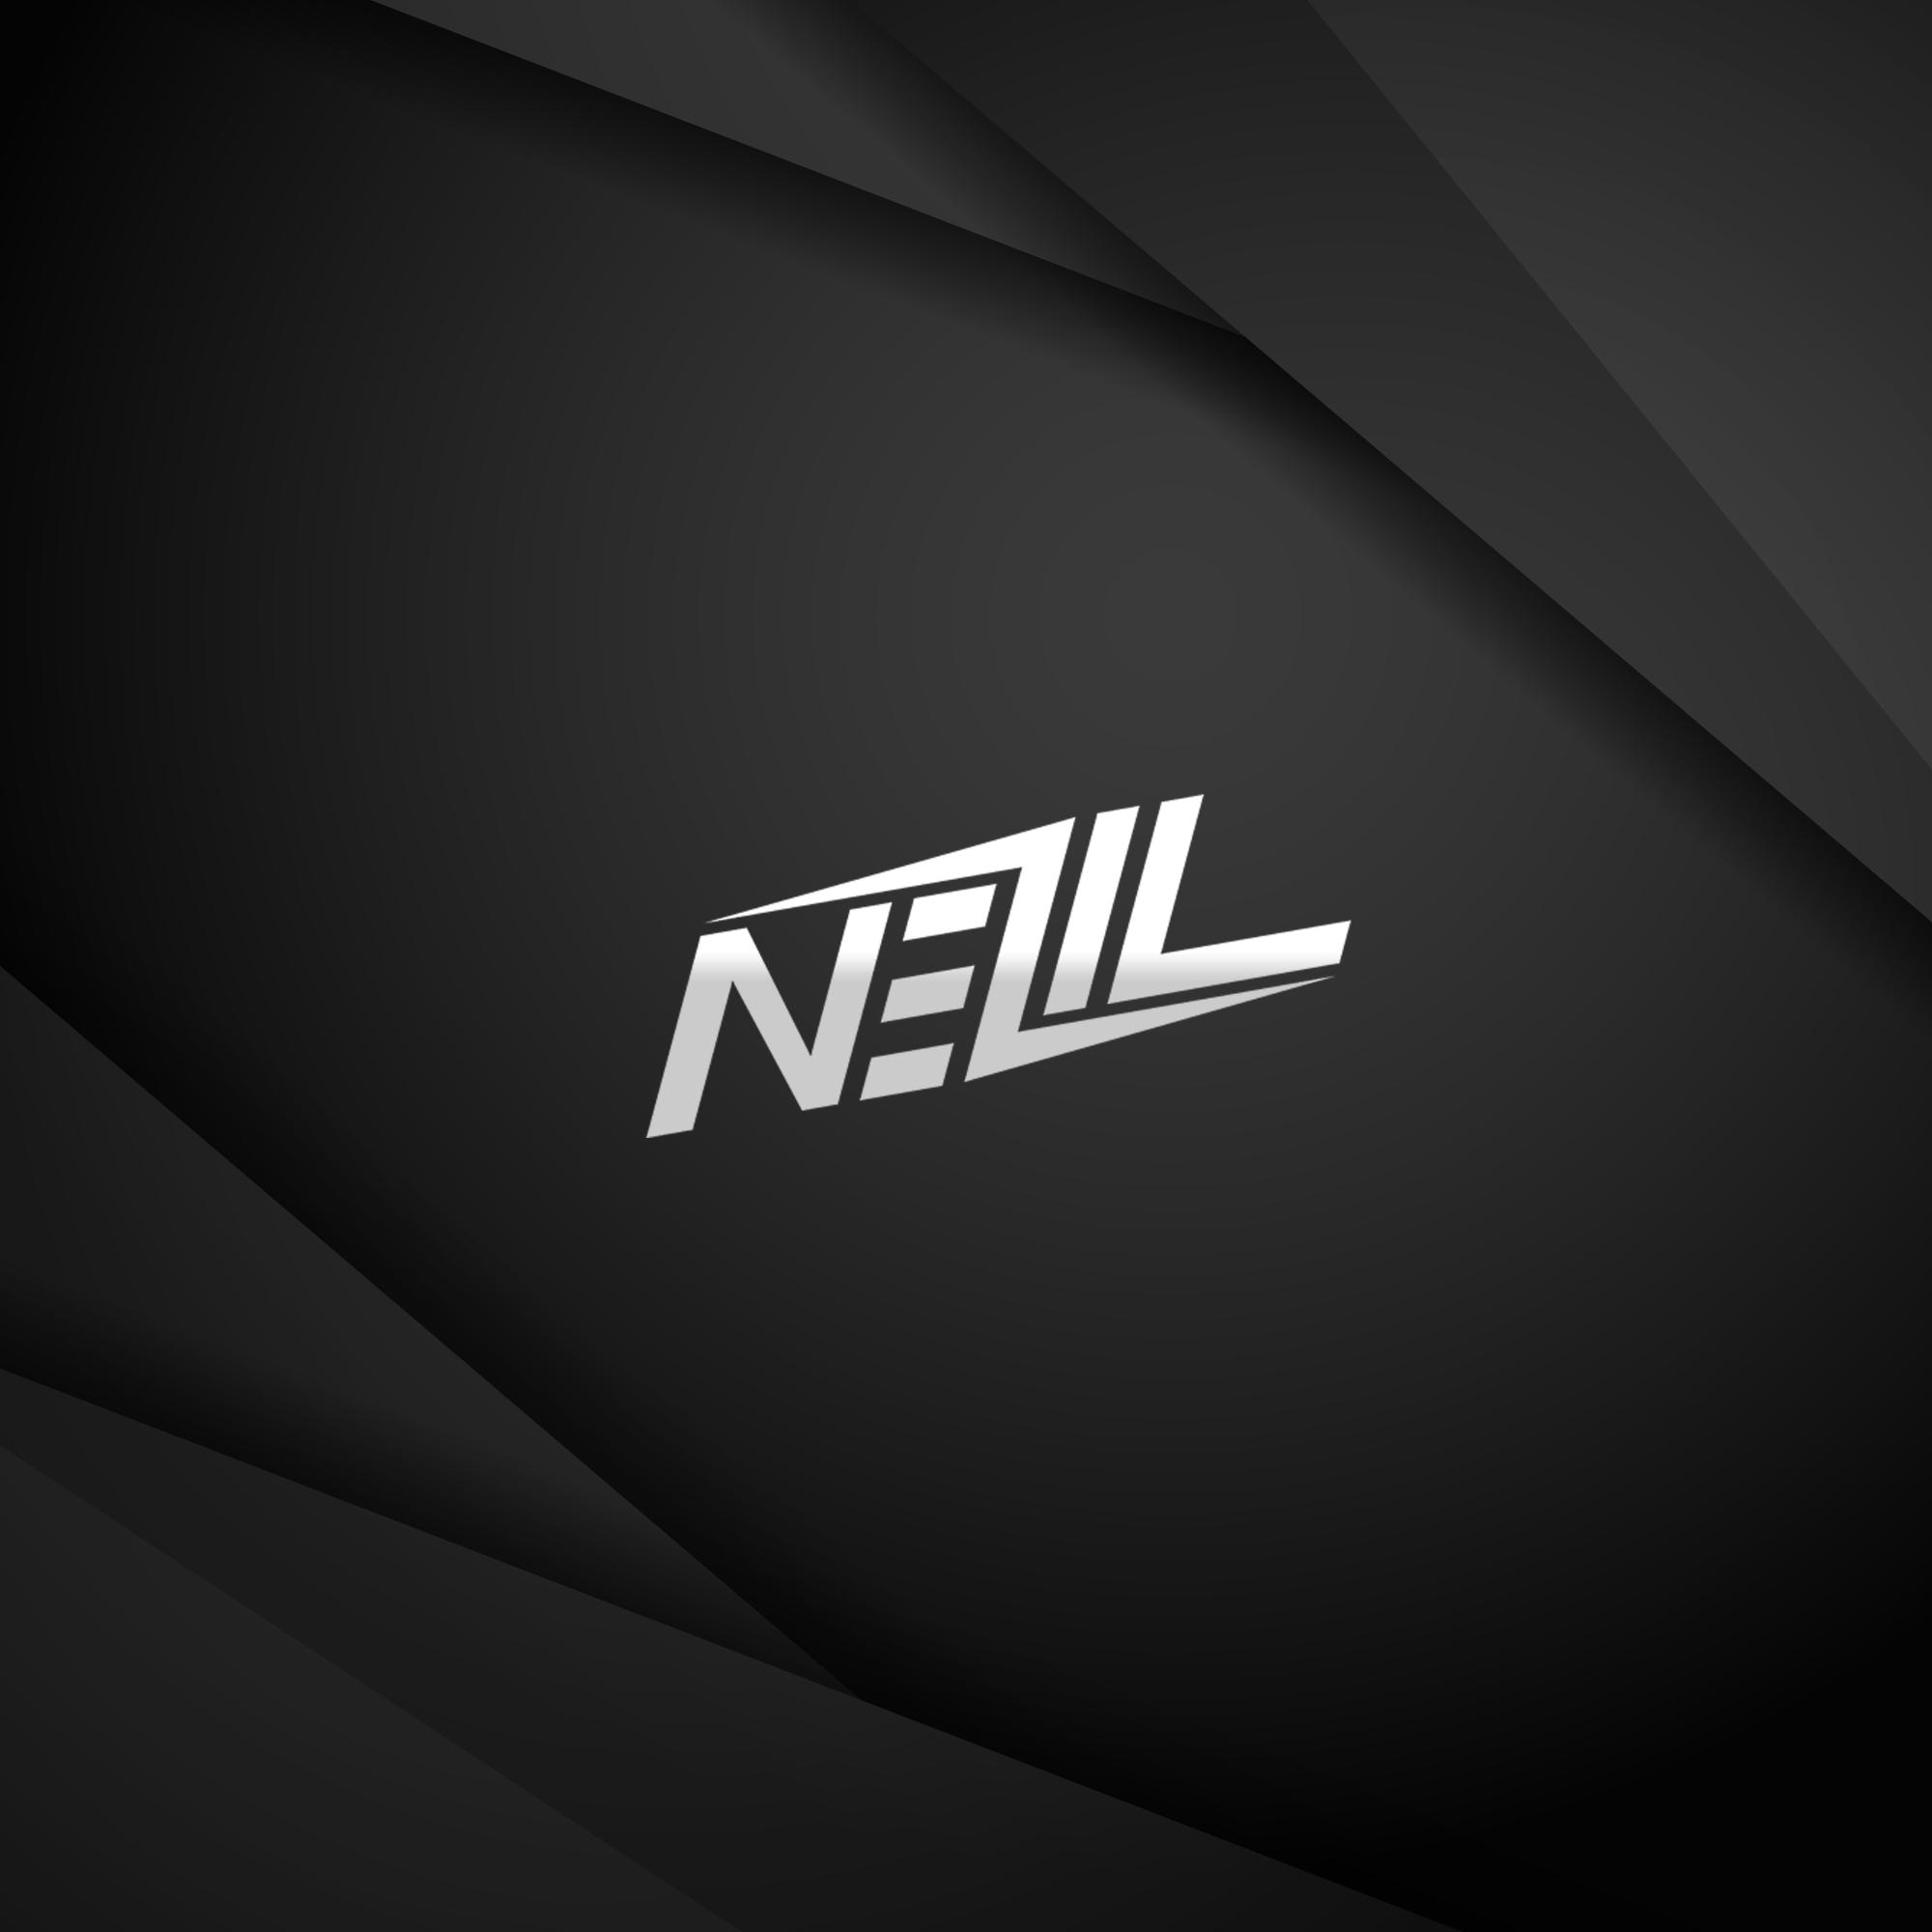 NEZIL